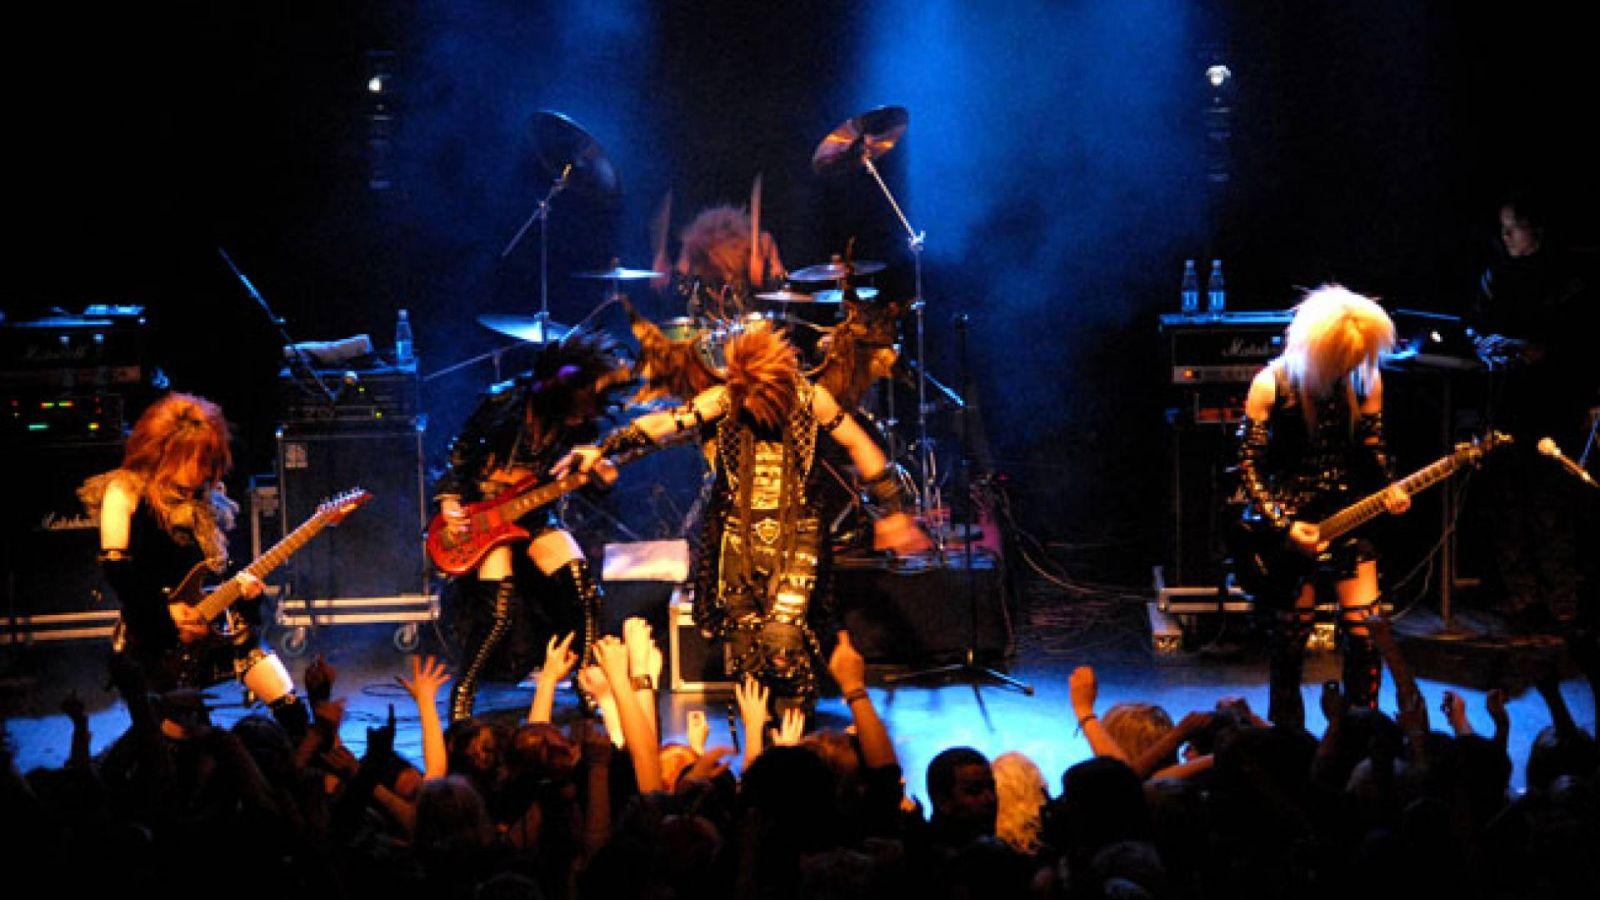 Koncert Dio - distraught overlord w Polsce został potwierdzony © JaME